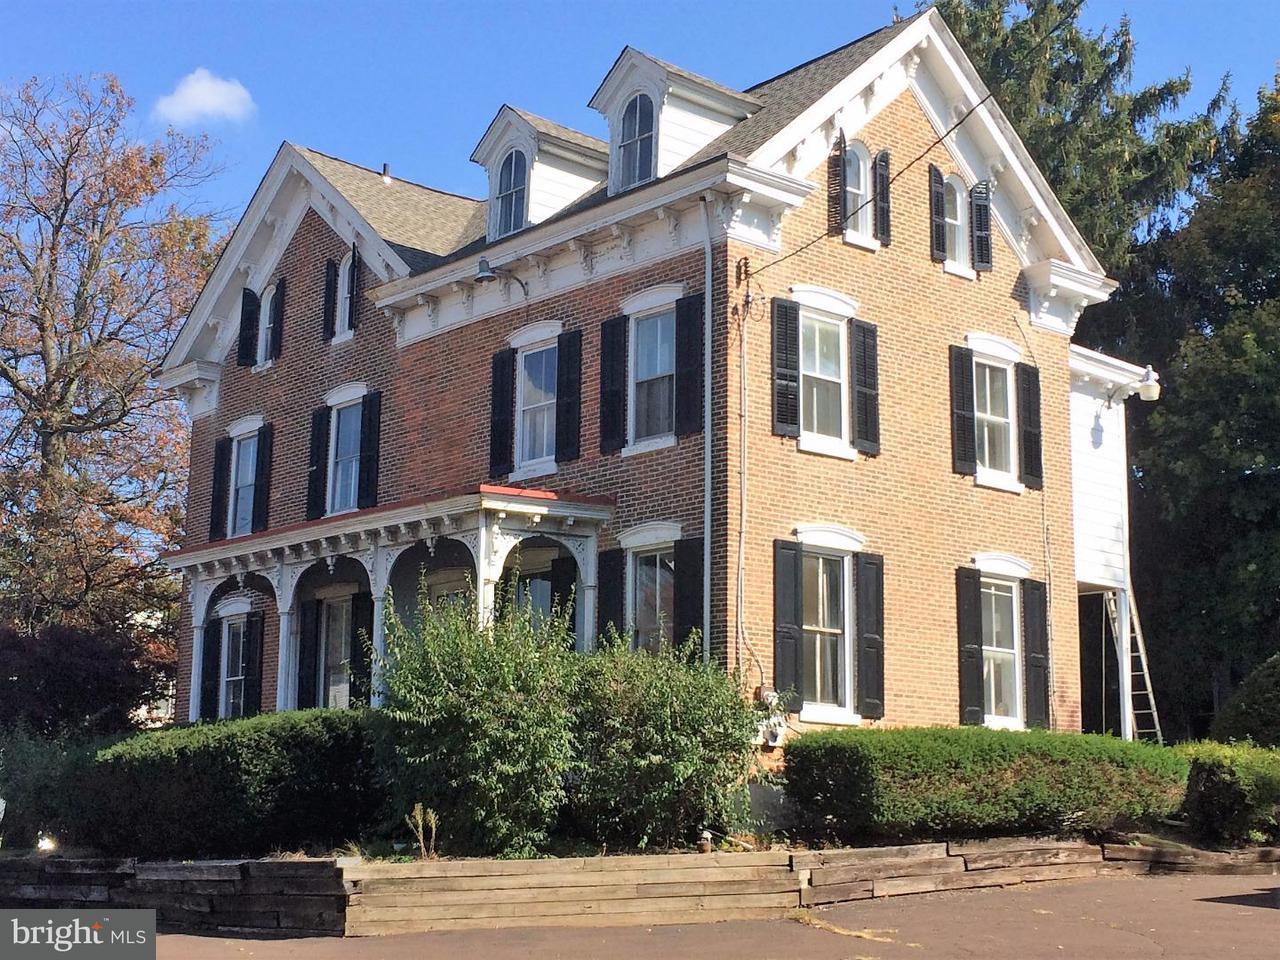 Частный односемейный дом для того Продажа на 106 S MAIN Street Dublin, Пенсильвания 18917 Соединенные Штаты